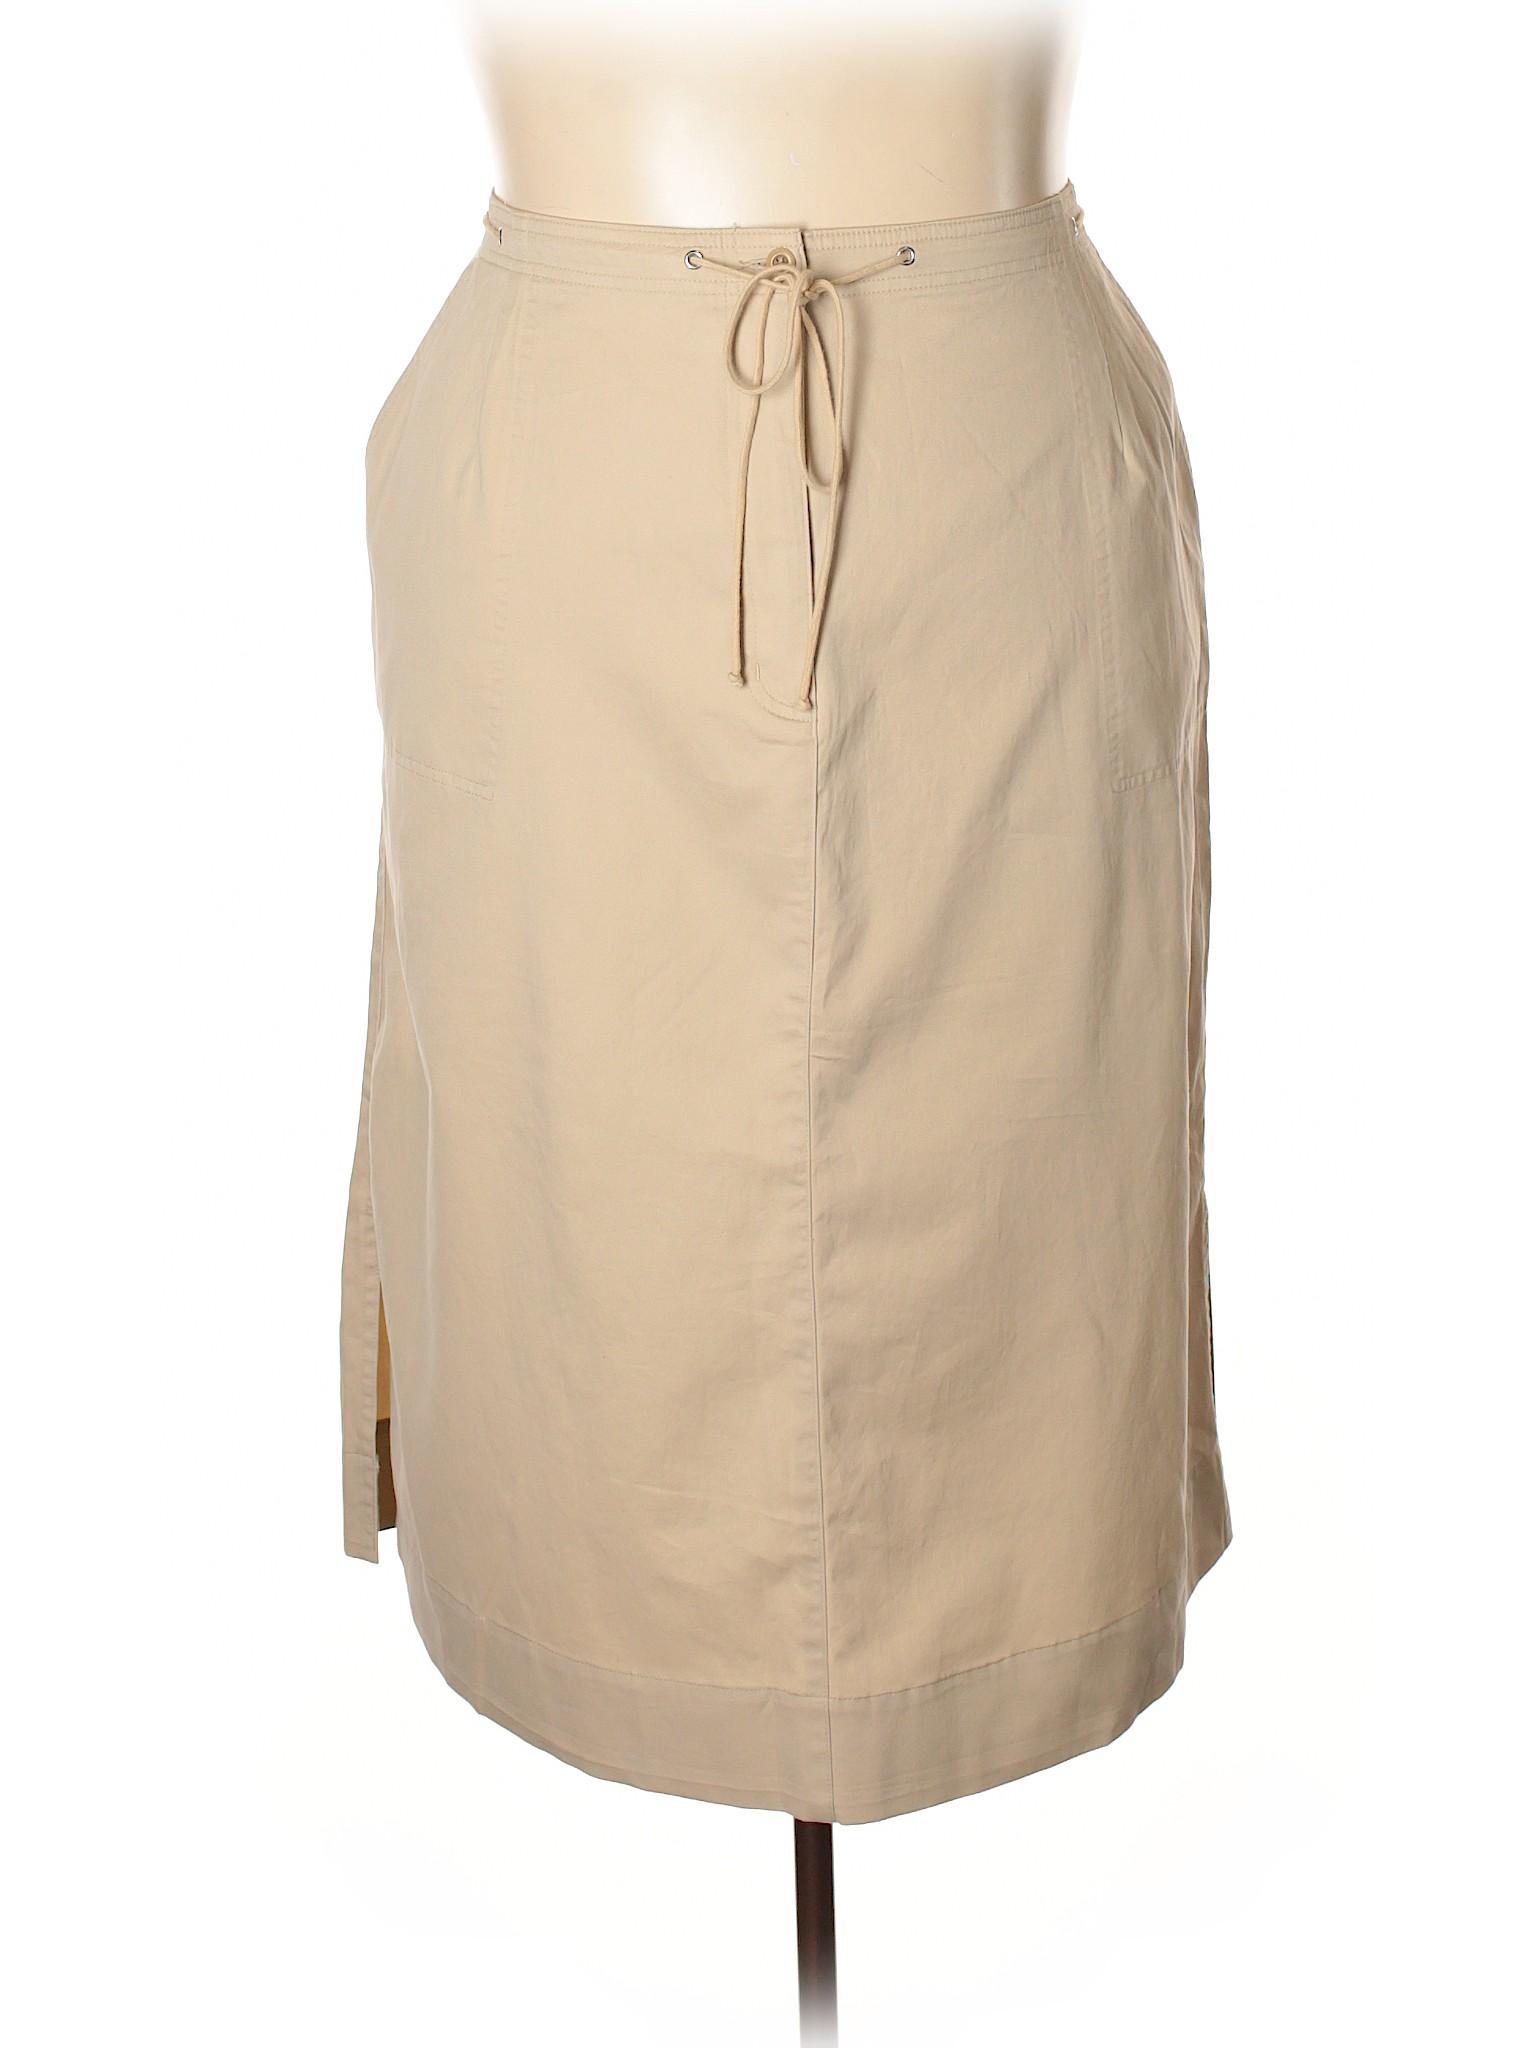 Casual Leisure Skirt Claiborne Liz winter gqqwxXPF